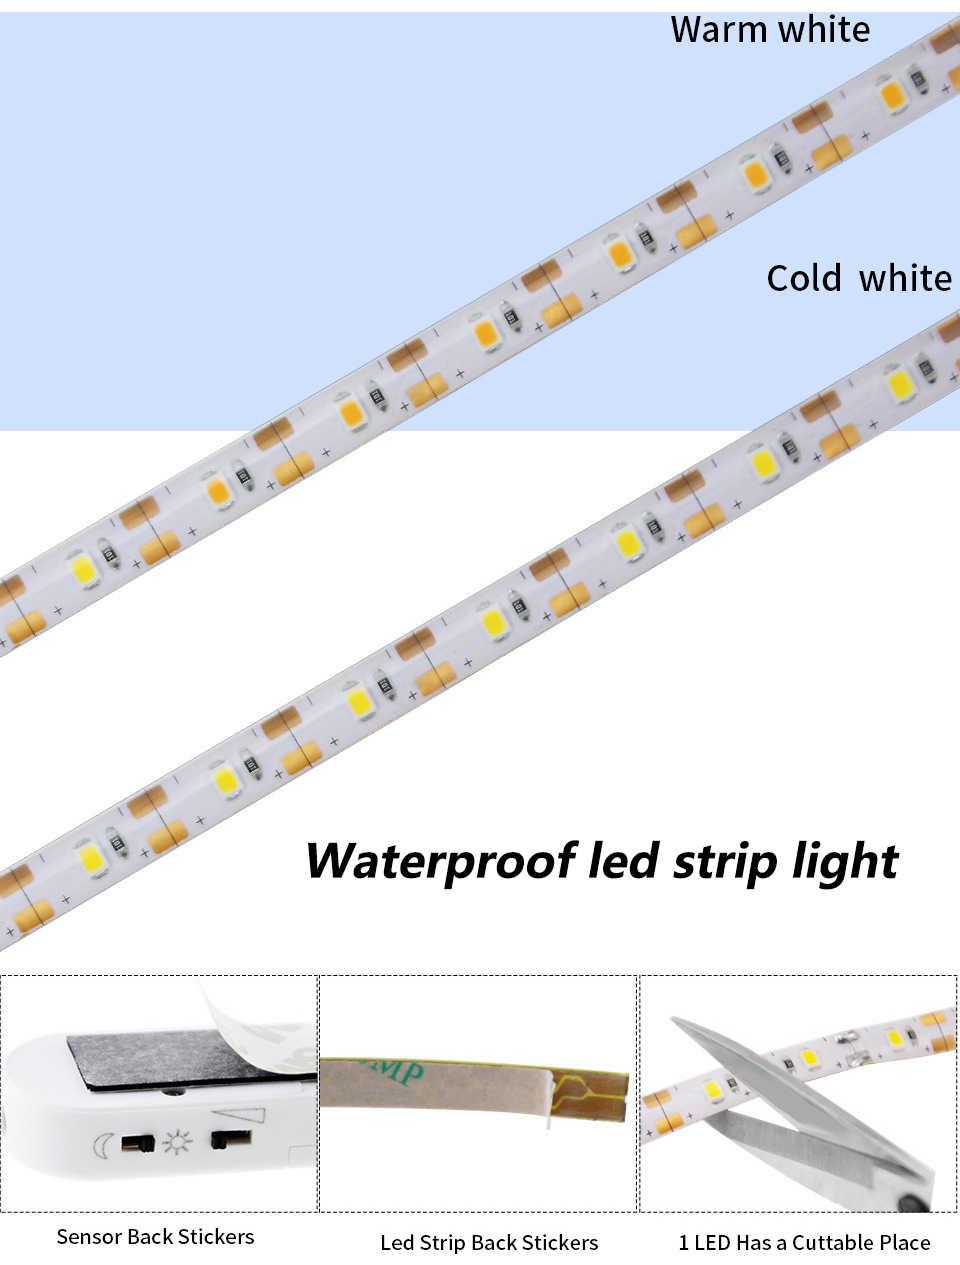 Движения PIR Сенсор Светодиодные ленты light 2835 DC 5 V полосы с Батарея коробка водонепроницаемый кровать шкаф Light 1 м 2 м 3 м Светодиодные ленты